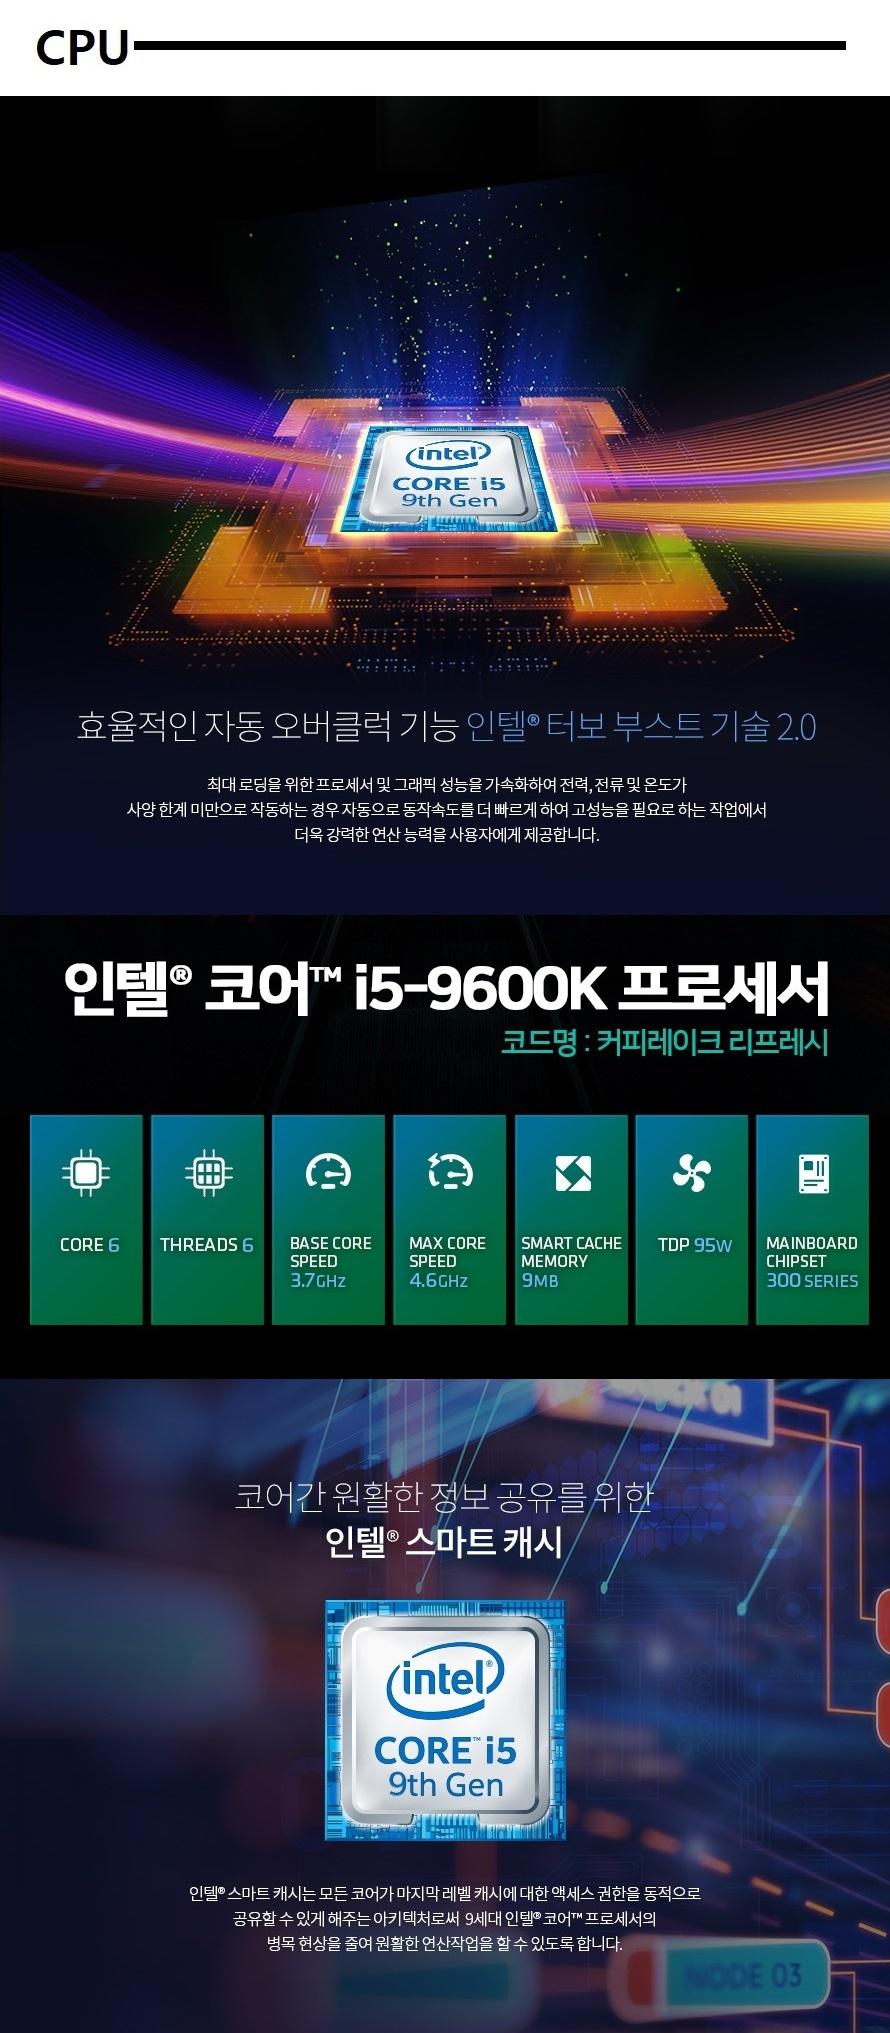 [인텔] 커피레이크-R i5-9600K [3.7GHz/6코어6스레드] 터보4.6GHz 벌크